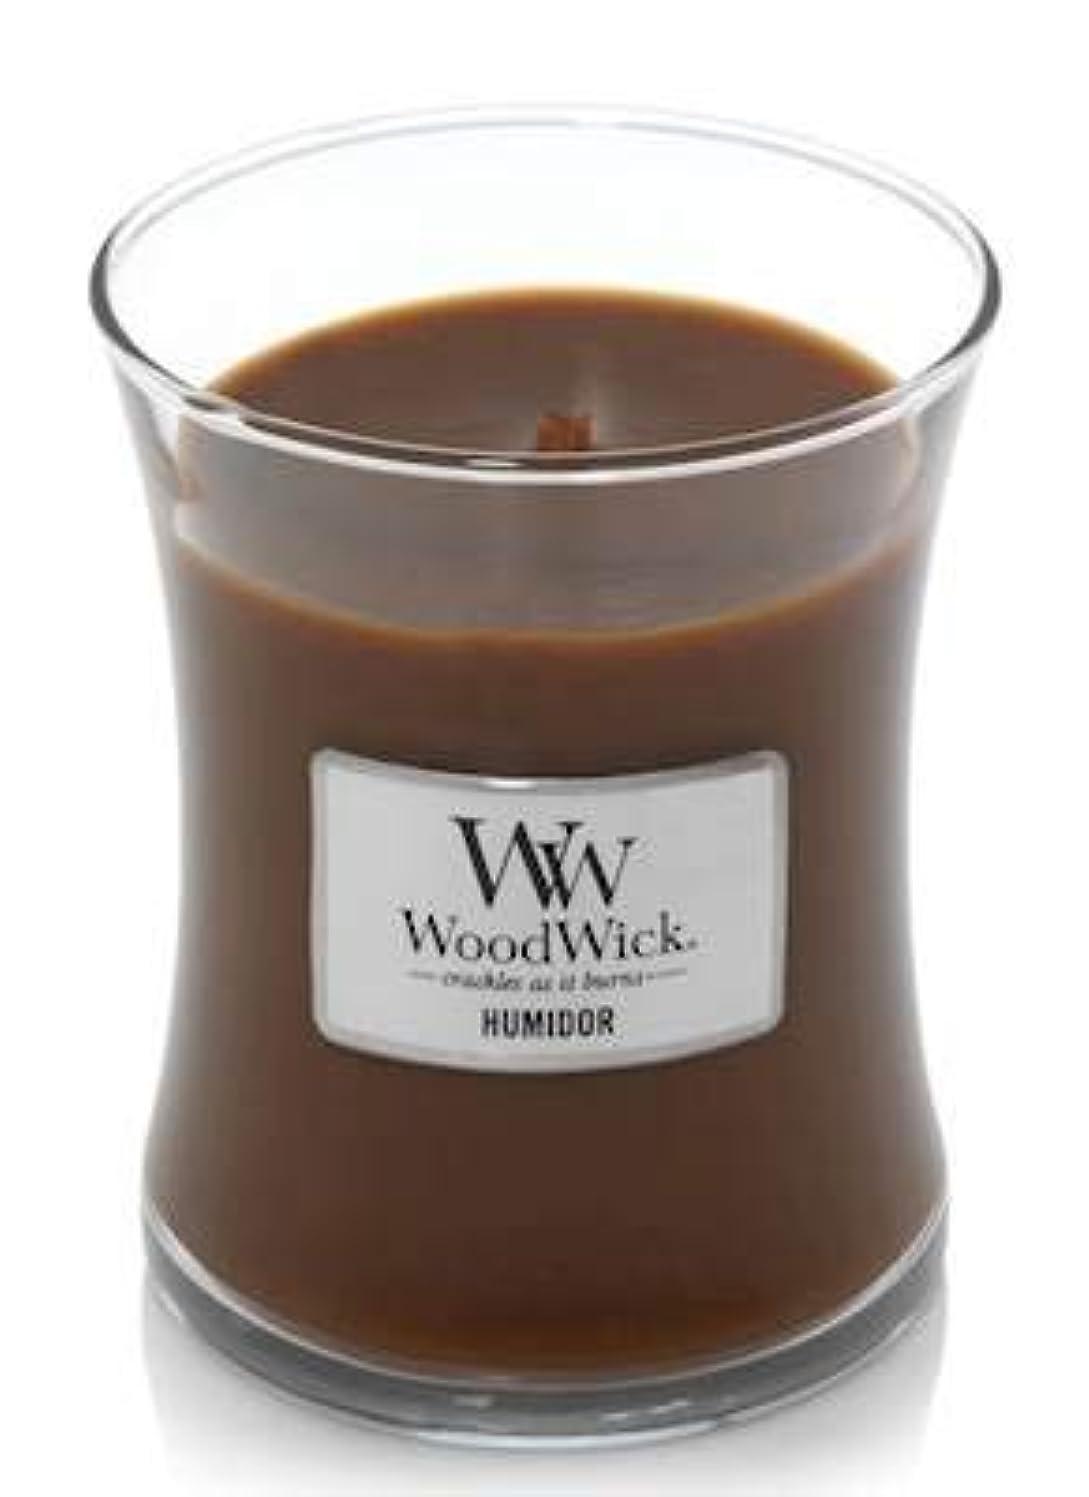 ダニびっくりした疾患WoodWick HUMIDOR 10オンス ミディアムジャーキャンドル